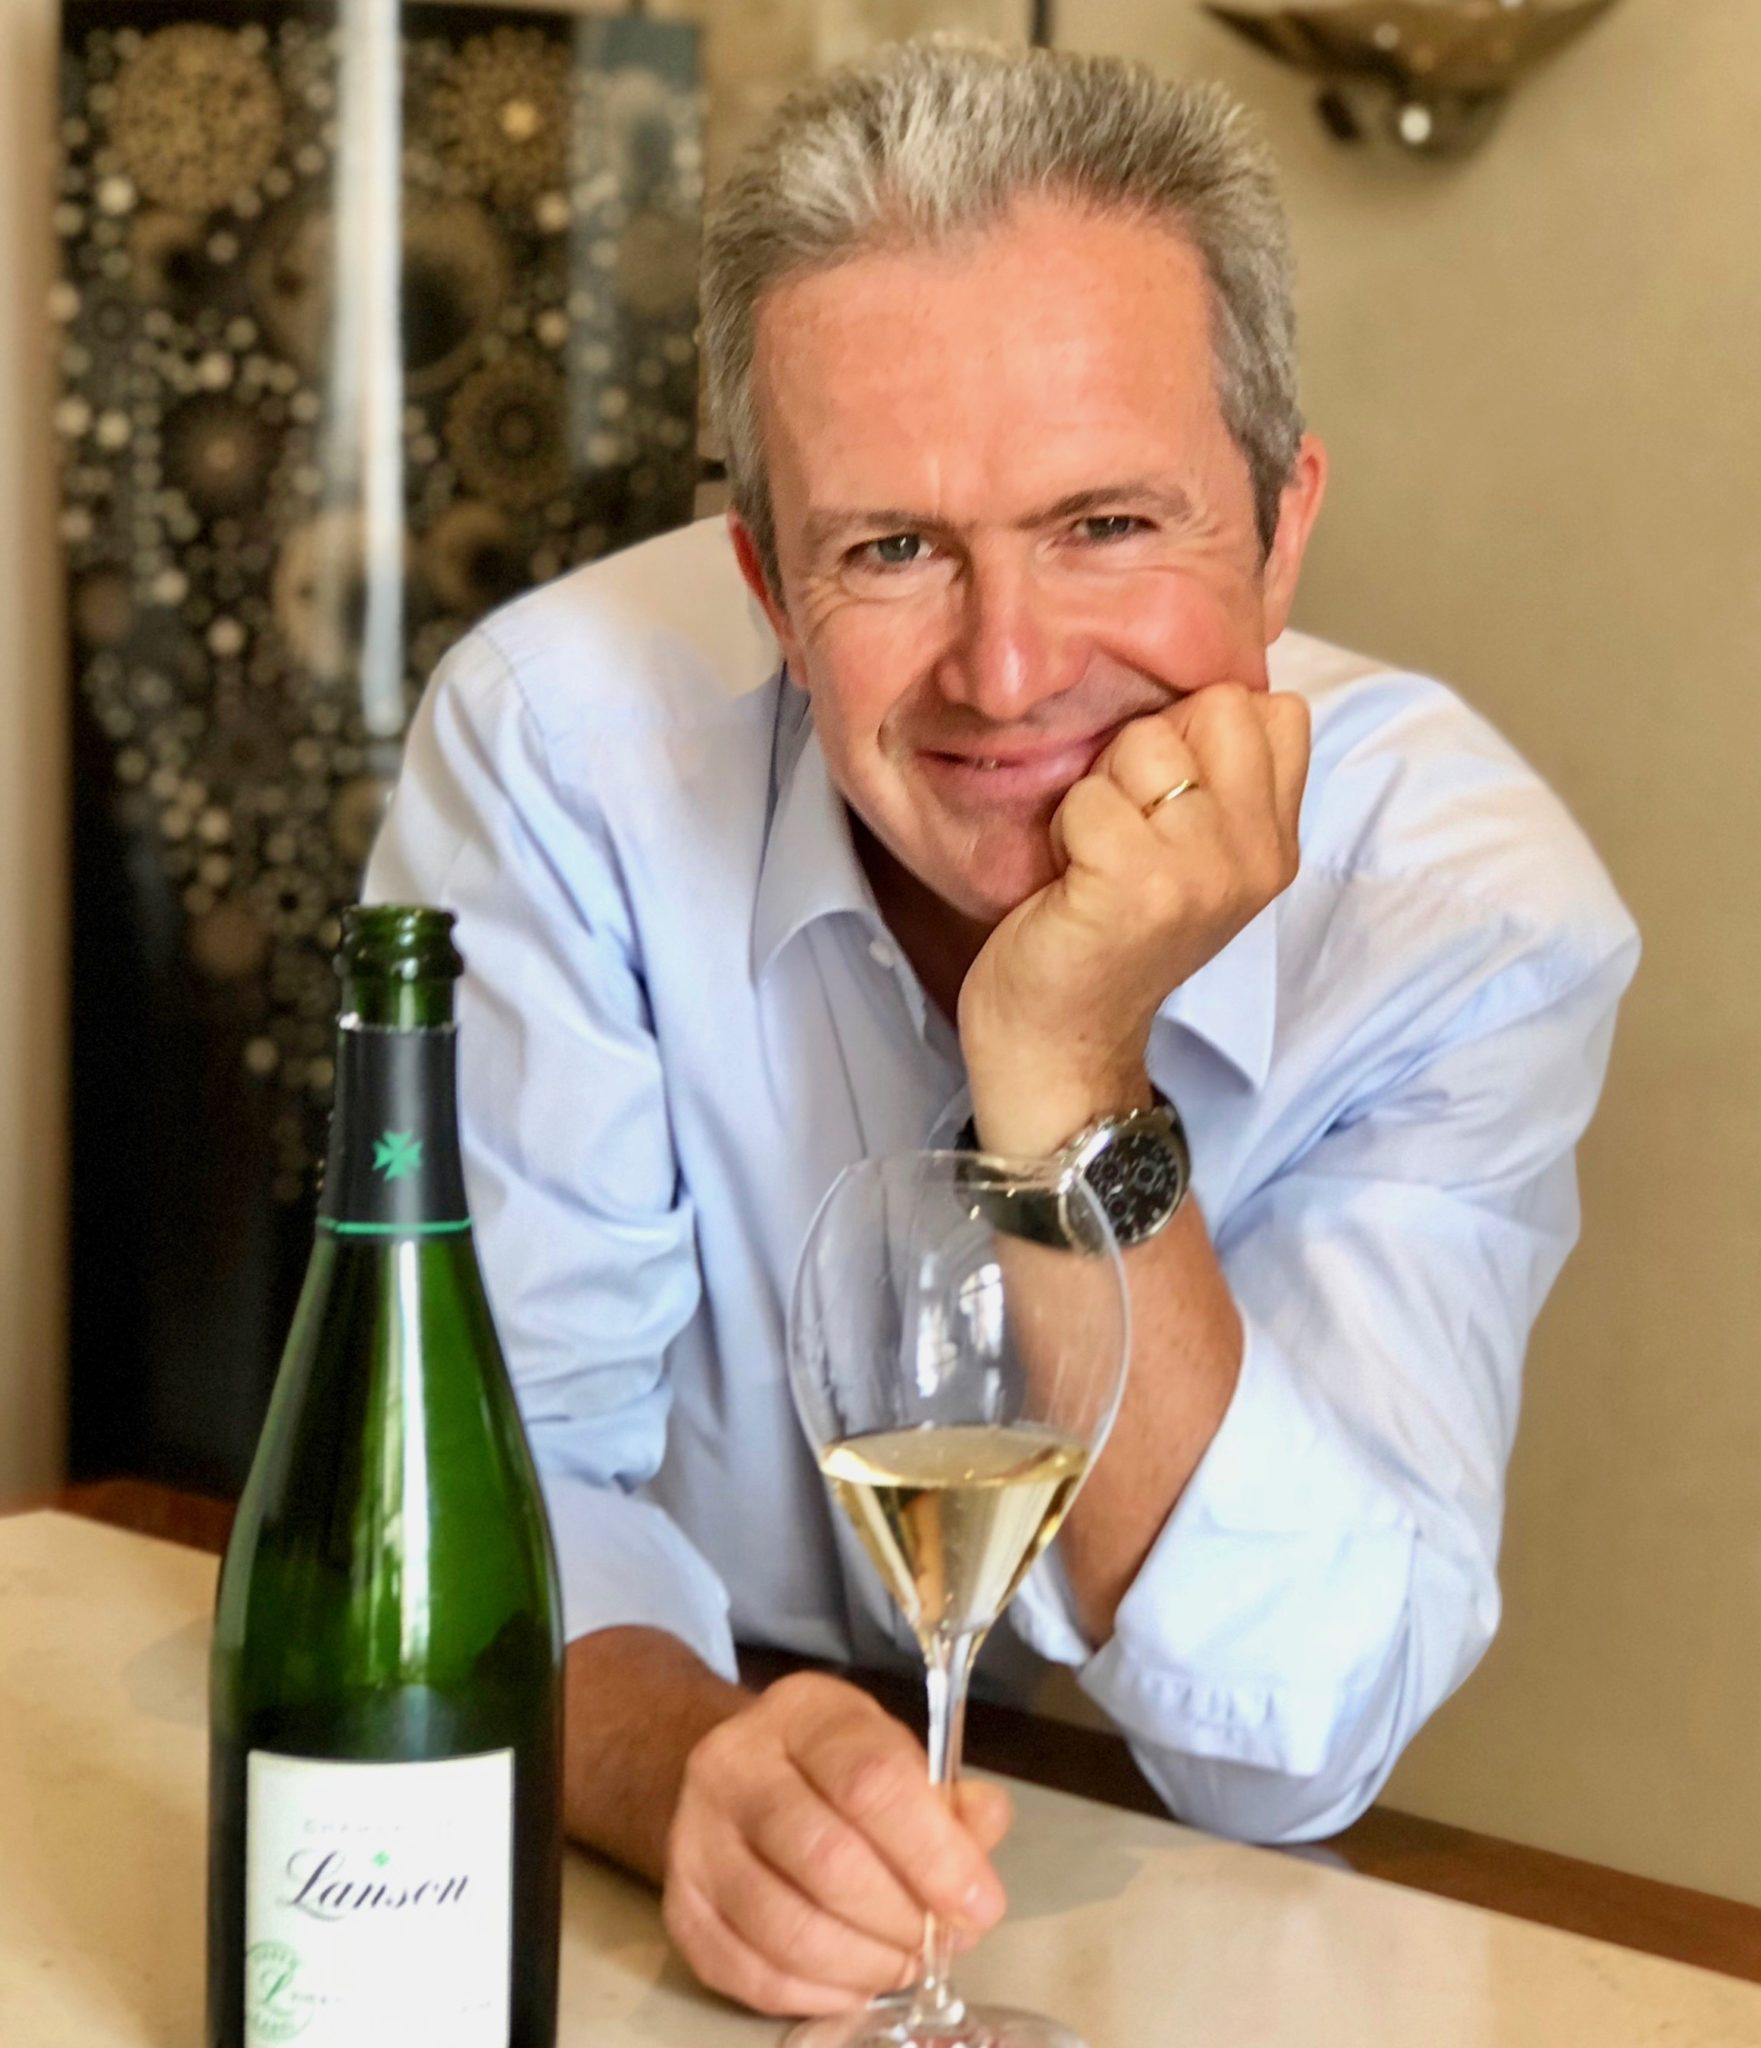 Hervé Dantan, chef de caves du champagne Lanson, présente la Green Label, la nouvelle cuvée de la maison.